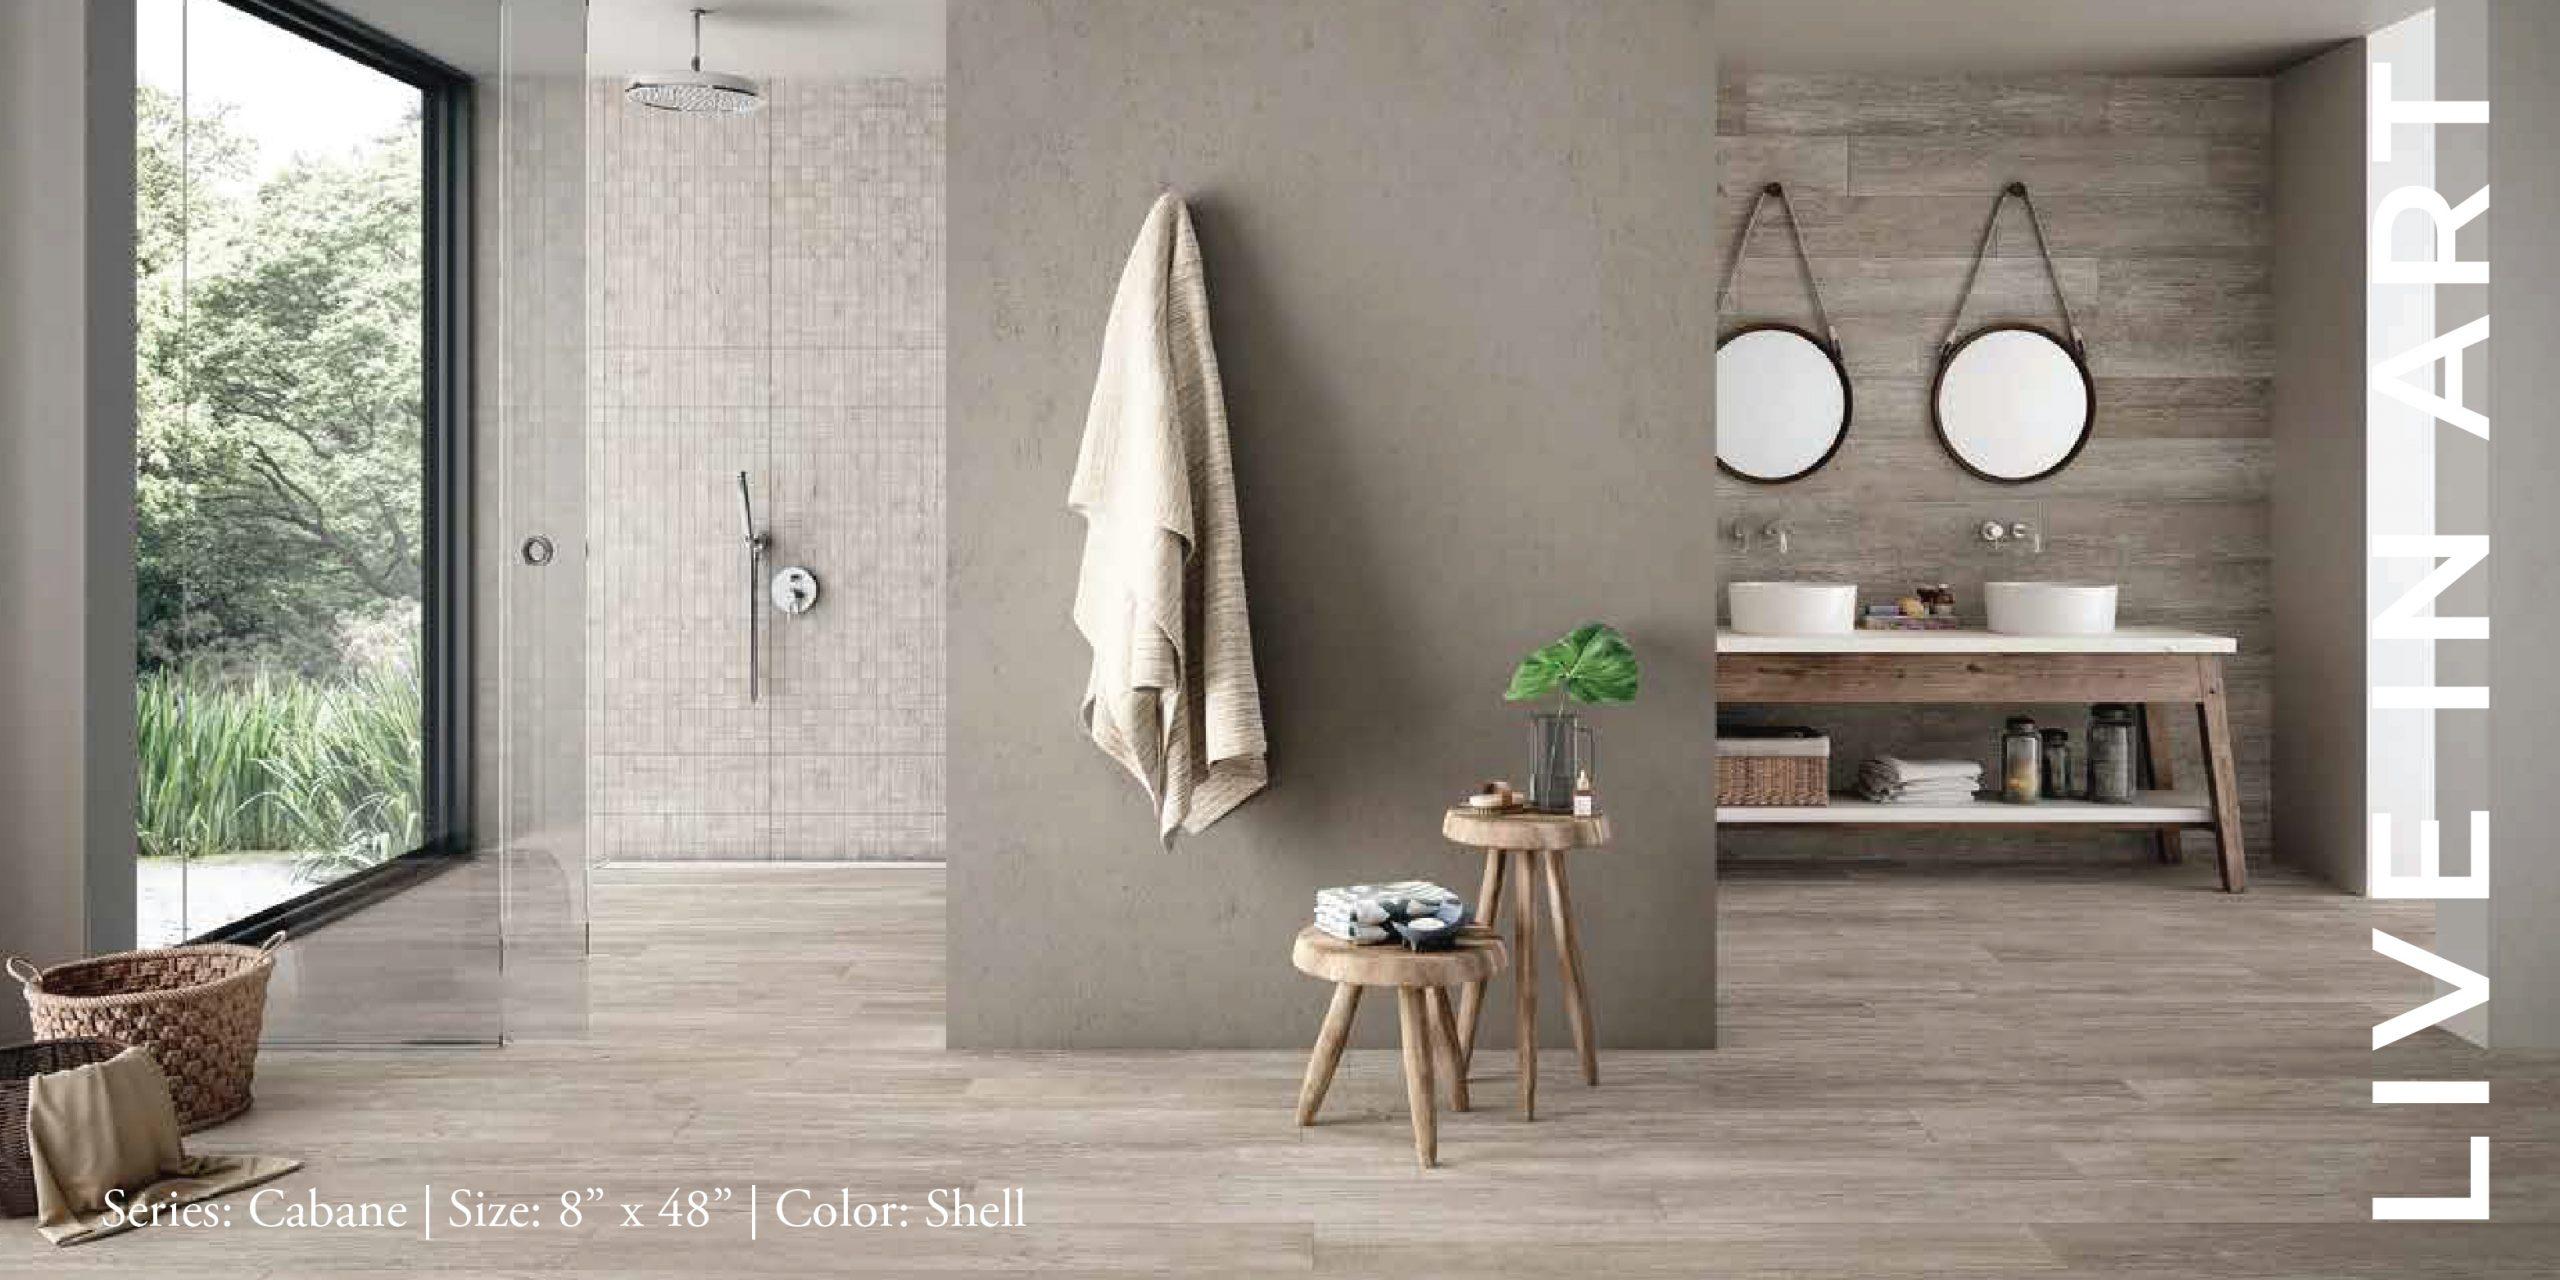 Cabane Shell 8x48-01-01